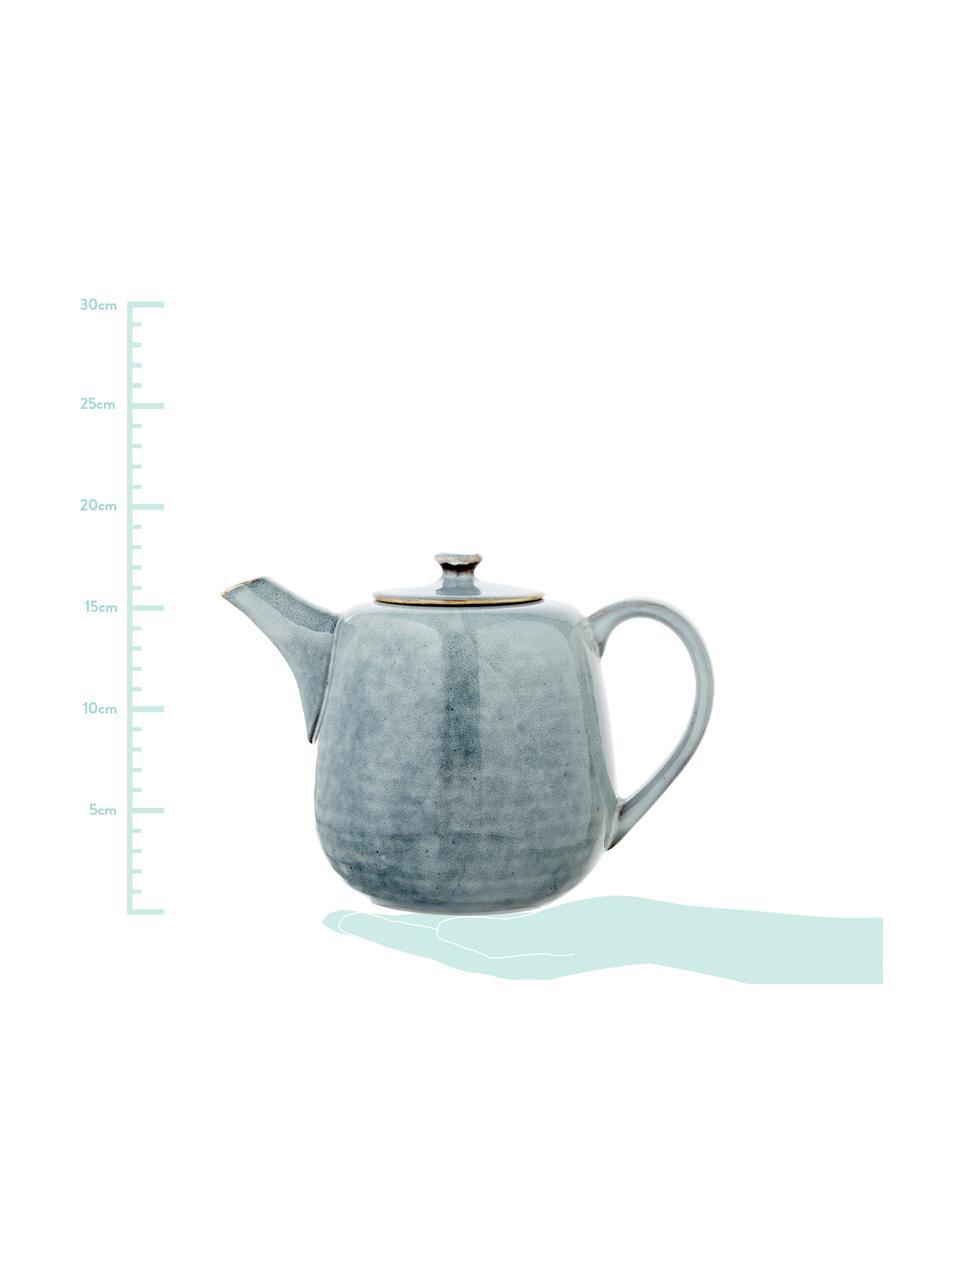 Handgemachte Teekanne Nordic Sea aus Steingut, 1.3 L, Steingut, Grau- und Blautöne, 1.3 L